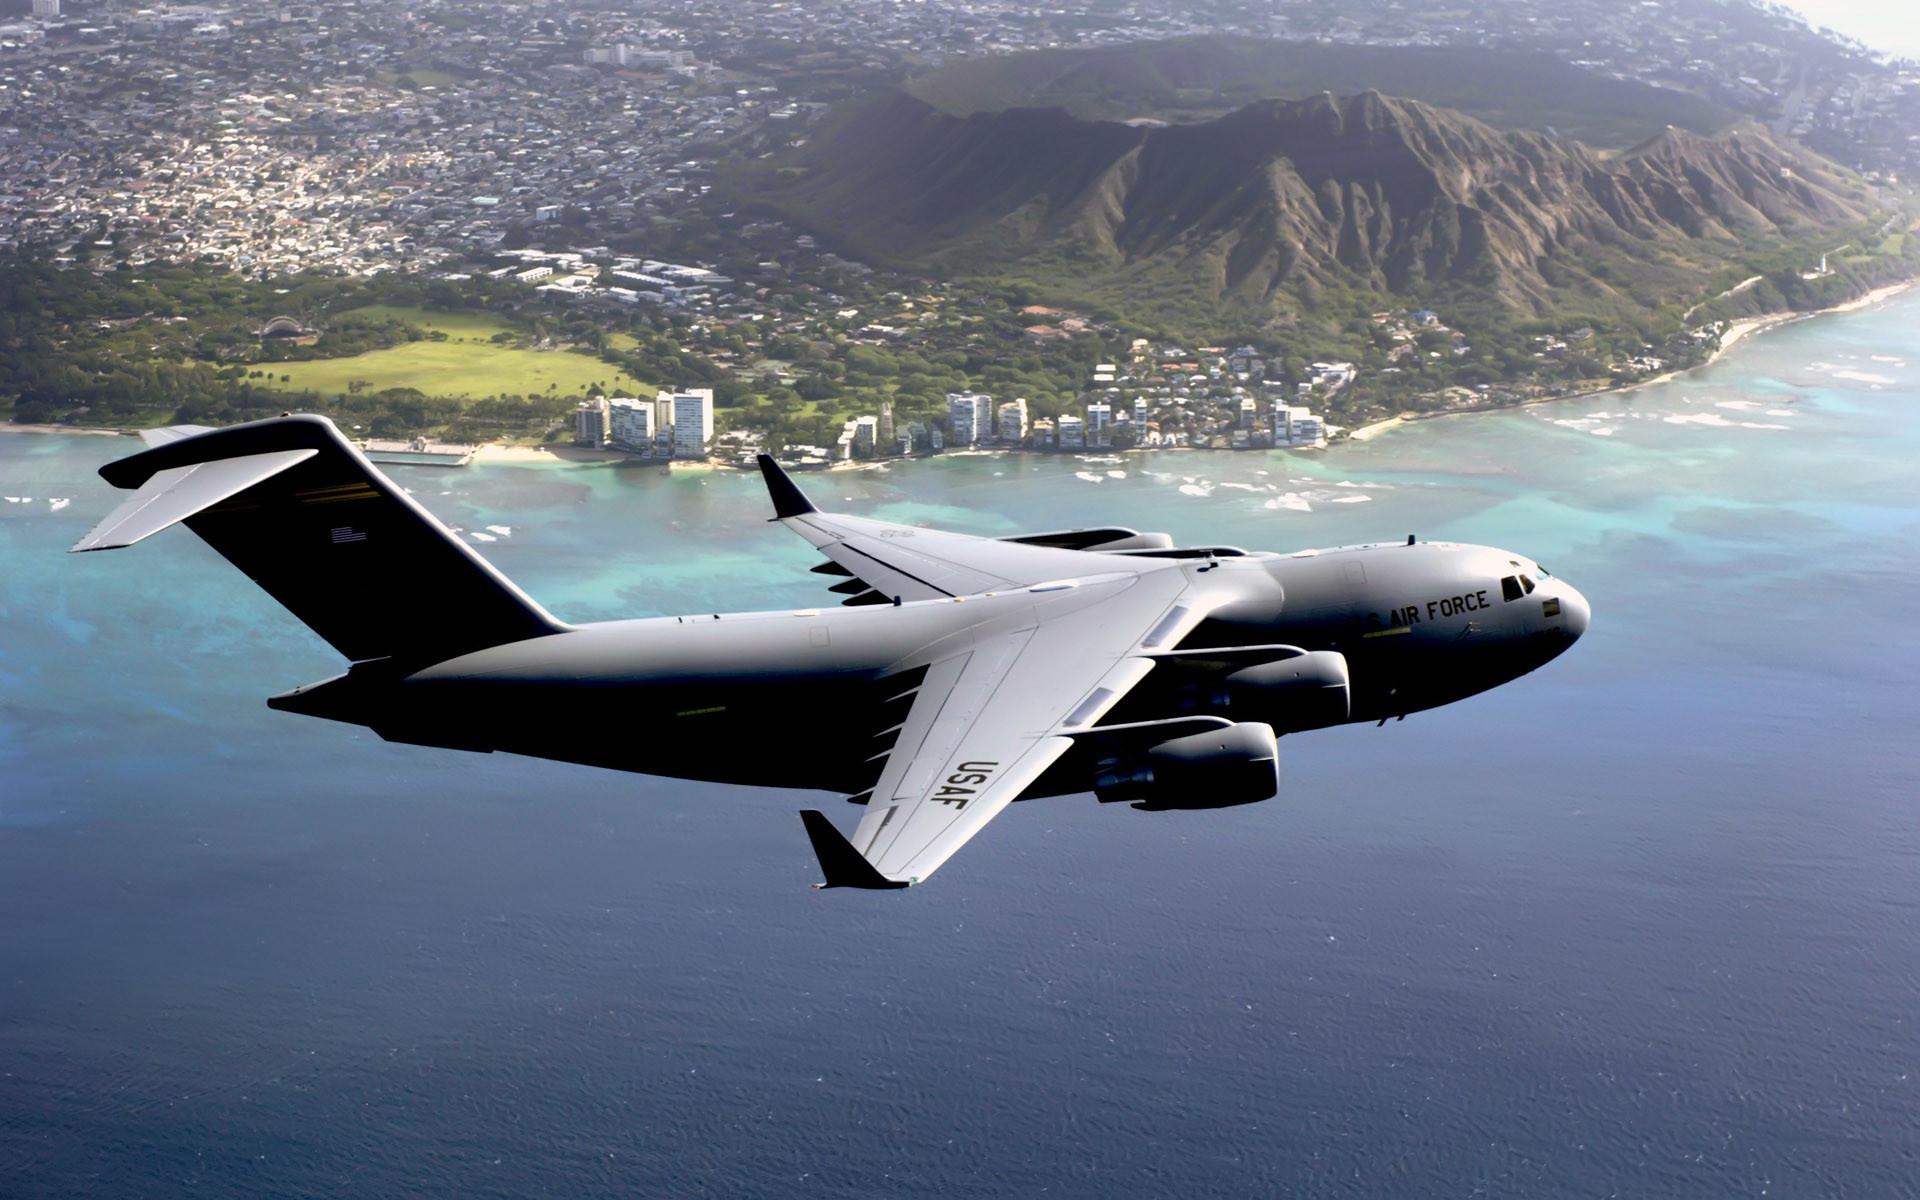 Hawaii Based C 17 Globemaster III